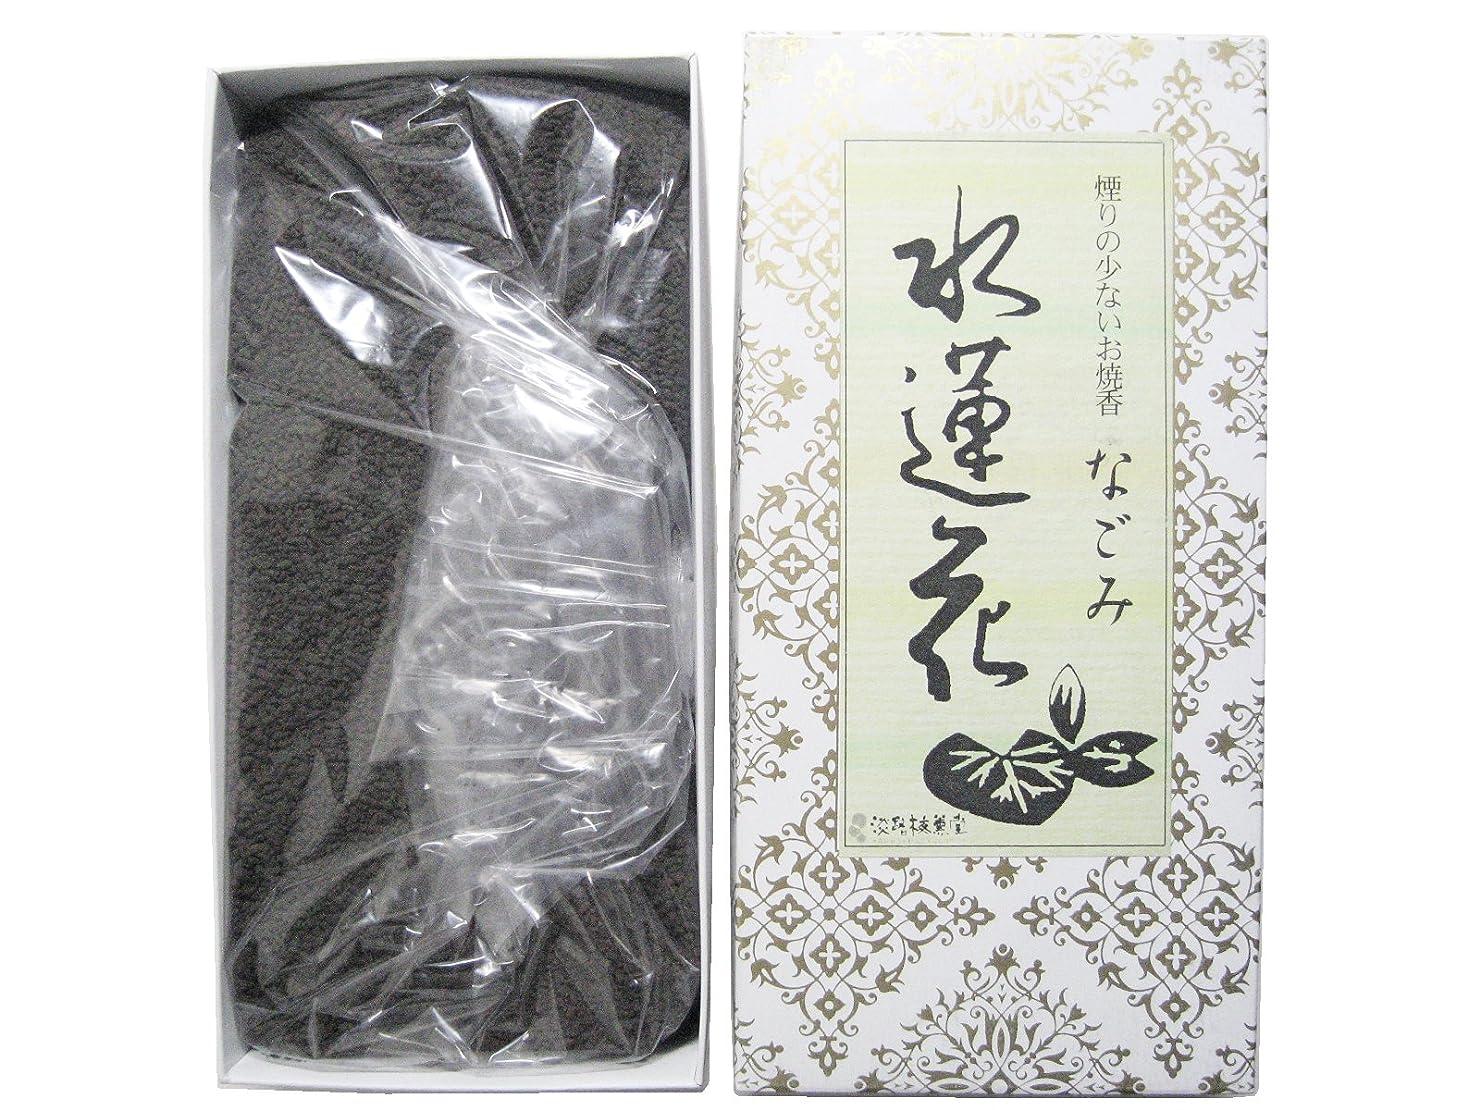 サラダ電極純粋に淡路梅薫堂のお香 煙の少ないお焼香 なごみ 水蓮花 500g×30箱 #931